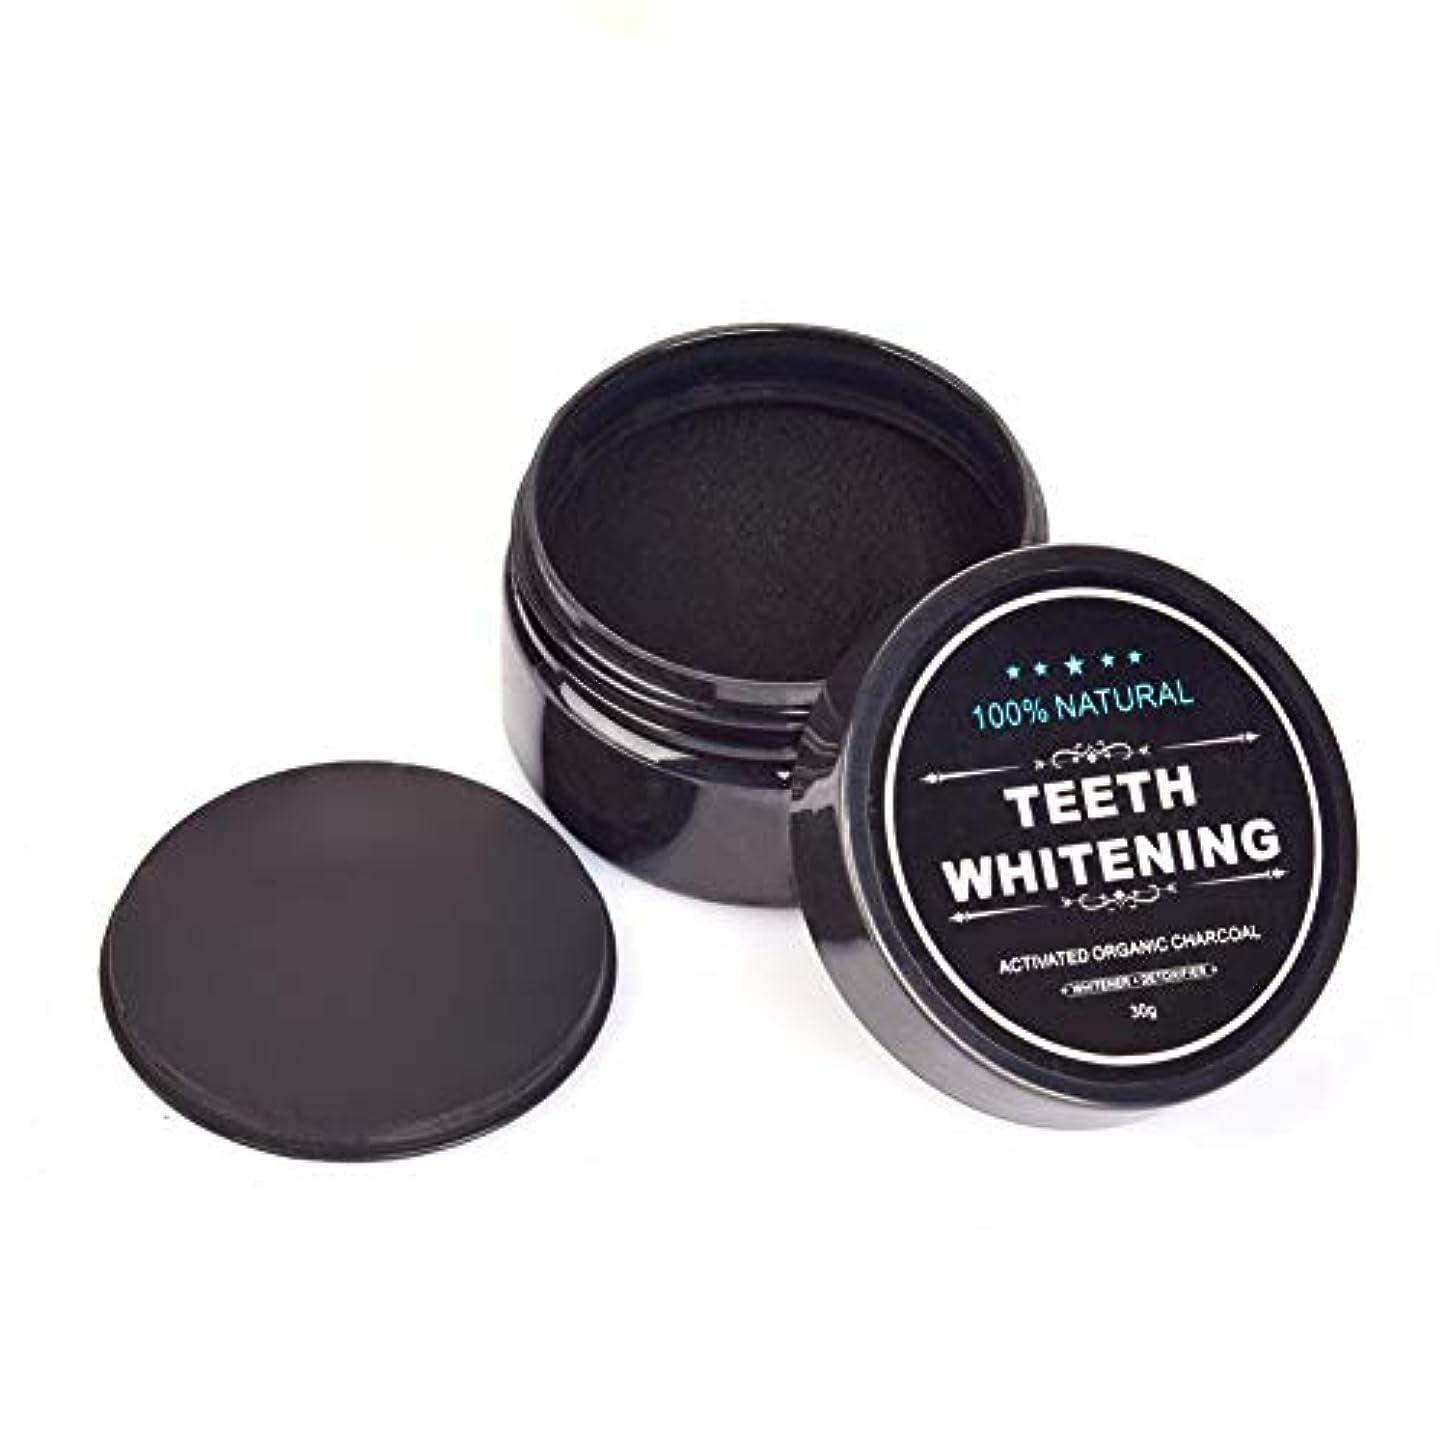 ペインティング成功した寝室を掃除するSILUN チャコールホワイトニング 歯 ホワイトニング チャコール型 マイクロパウダー 歯 ホワイトニング 食べれる活性炭 竹炭 歯を白くする歯磨き粉 活性炭パウダー